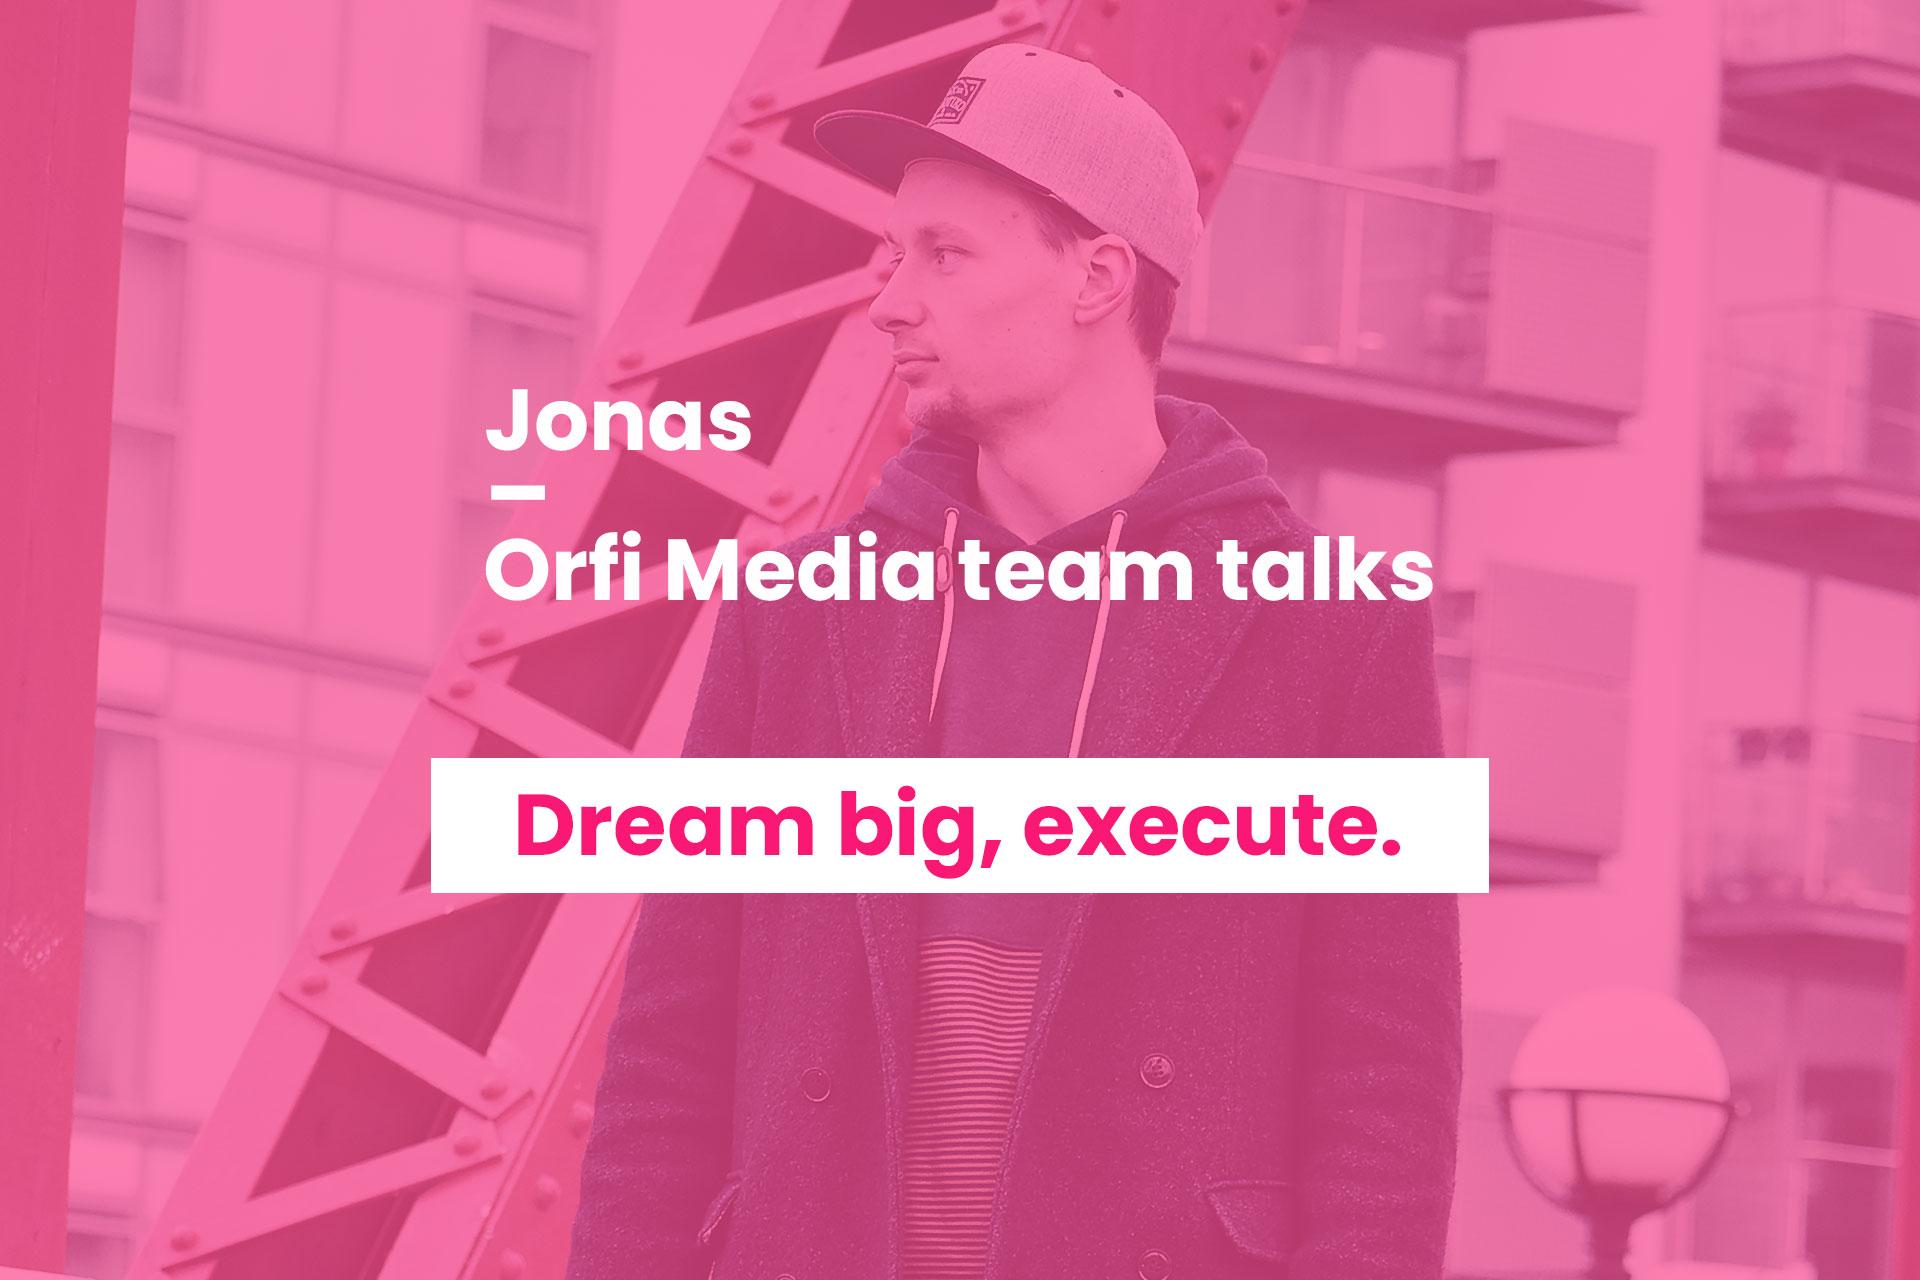 Orfi Media team talks Jonas Urbonas